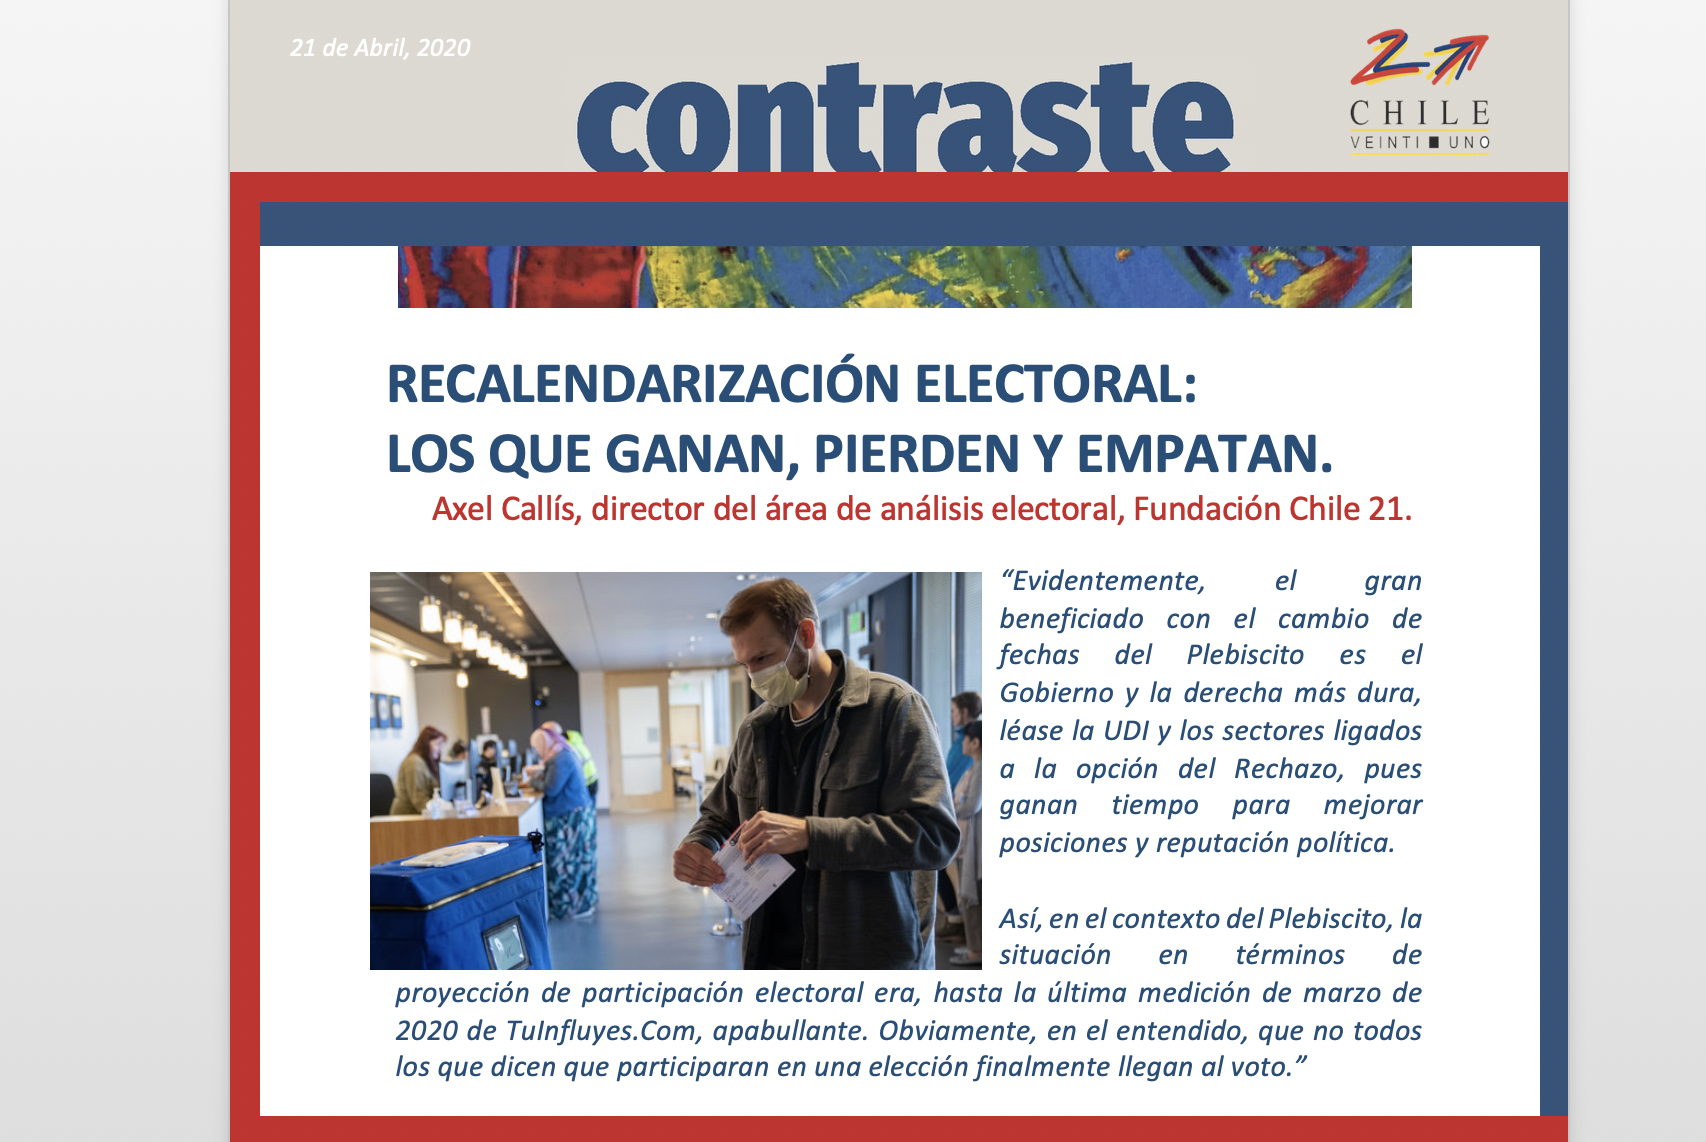 RECALENDARIZACIÓN ELECTORAL:  LOS QUE GANAN, PIERDEN Y EMPATAN.